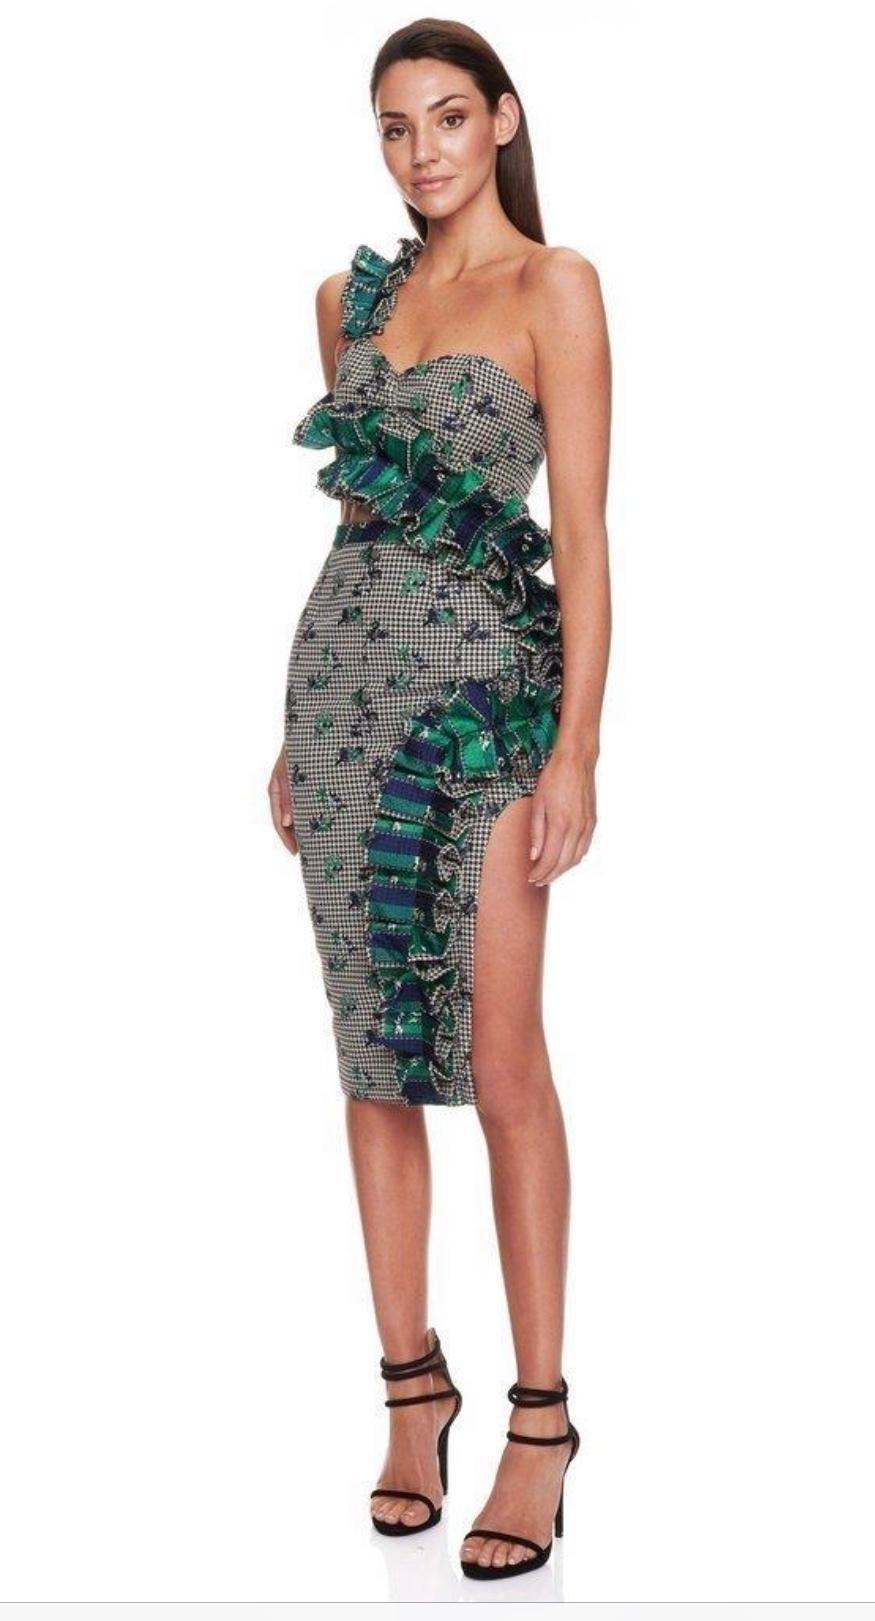 0604dfb6a49 Plus Size Formal Dress Hire Melbourne - raveitsafe